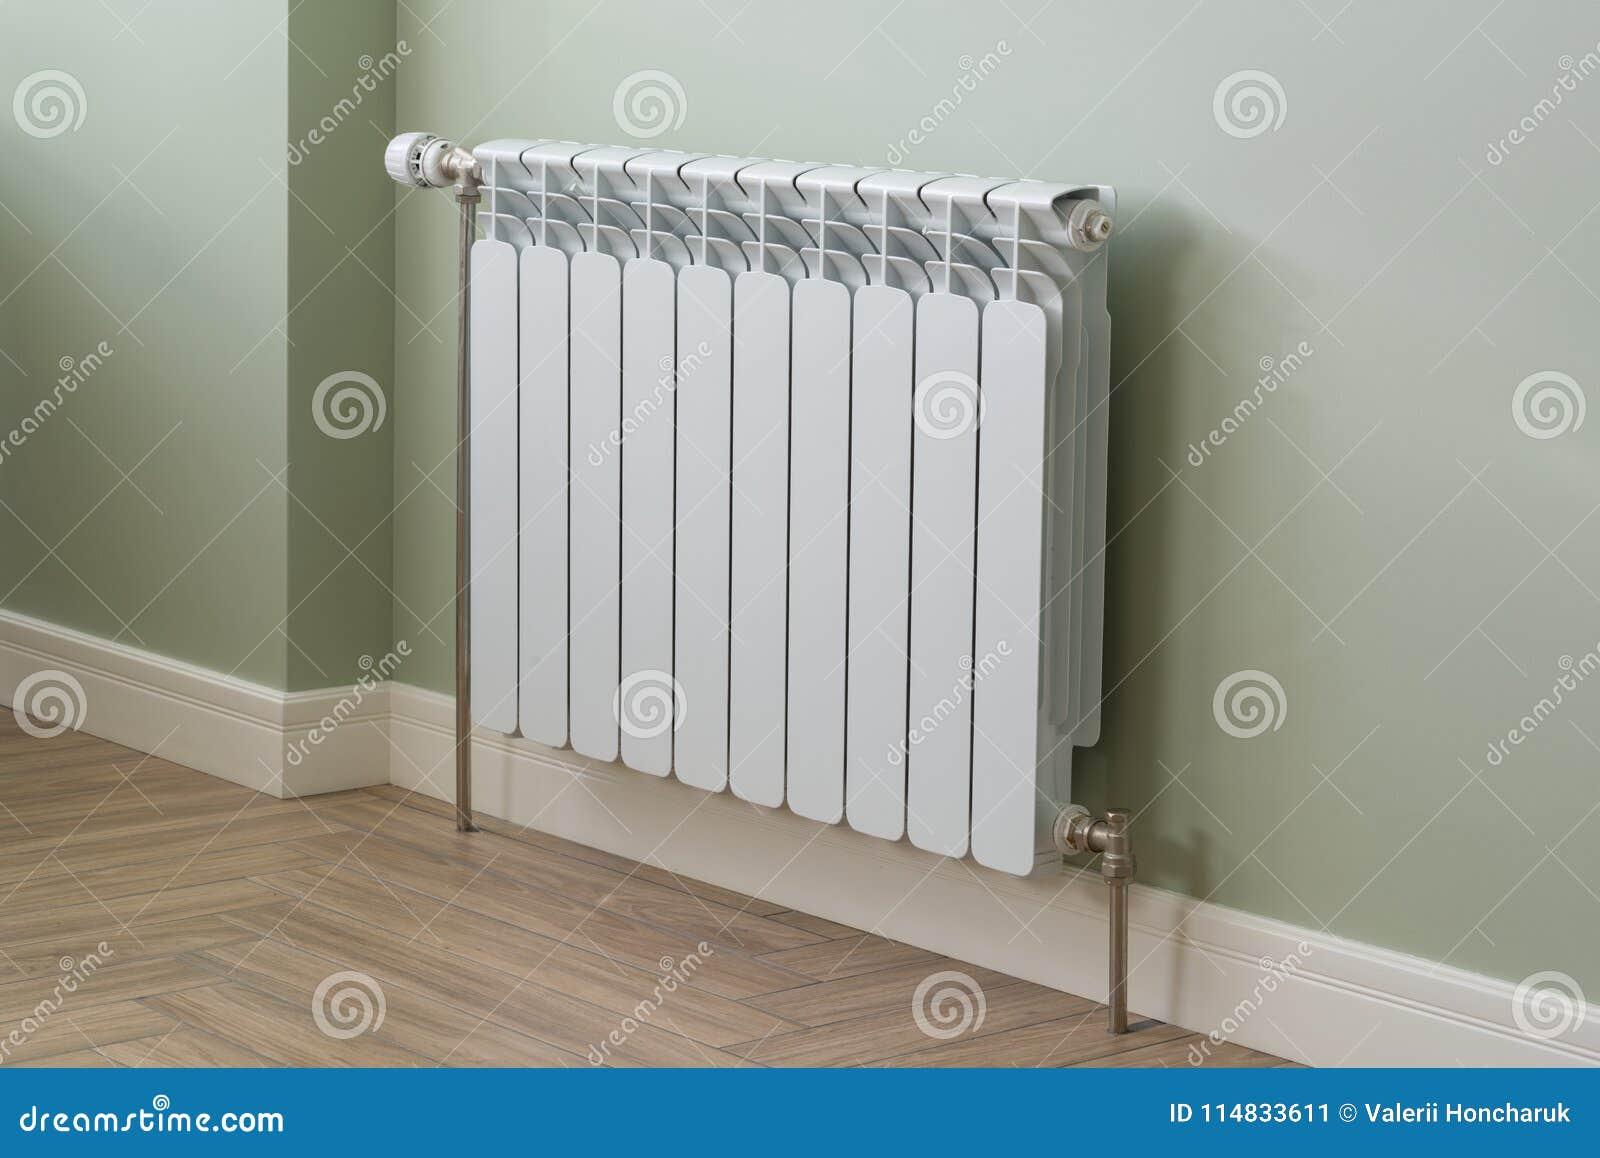 Radiatore del riscaldamento, radiatore bianco in un appartamento